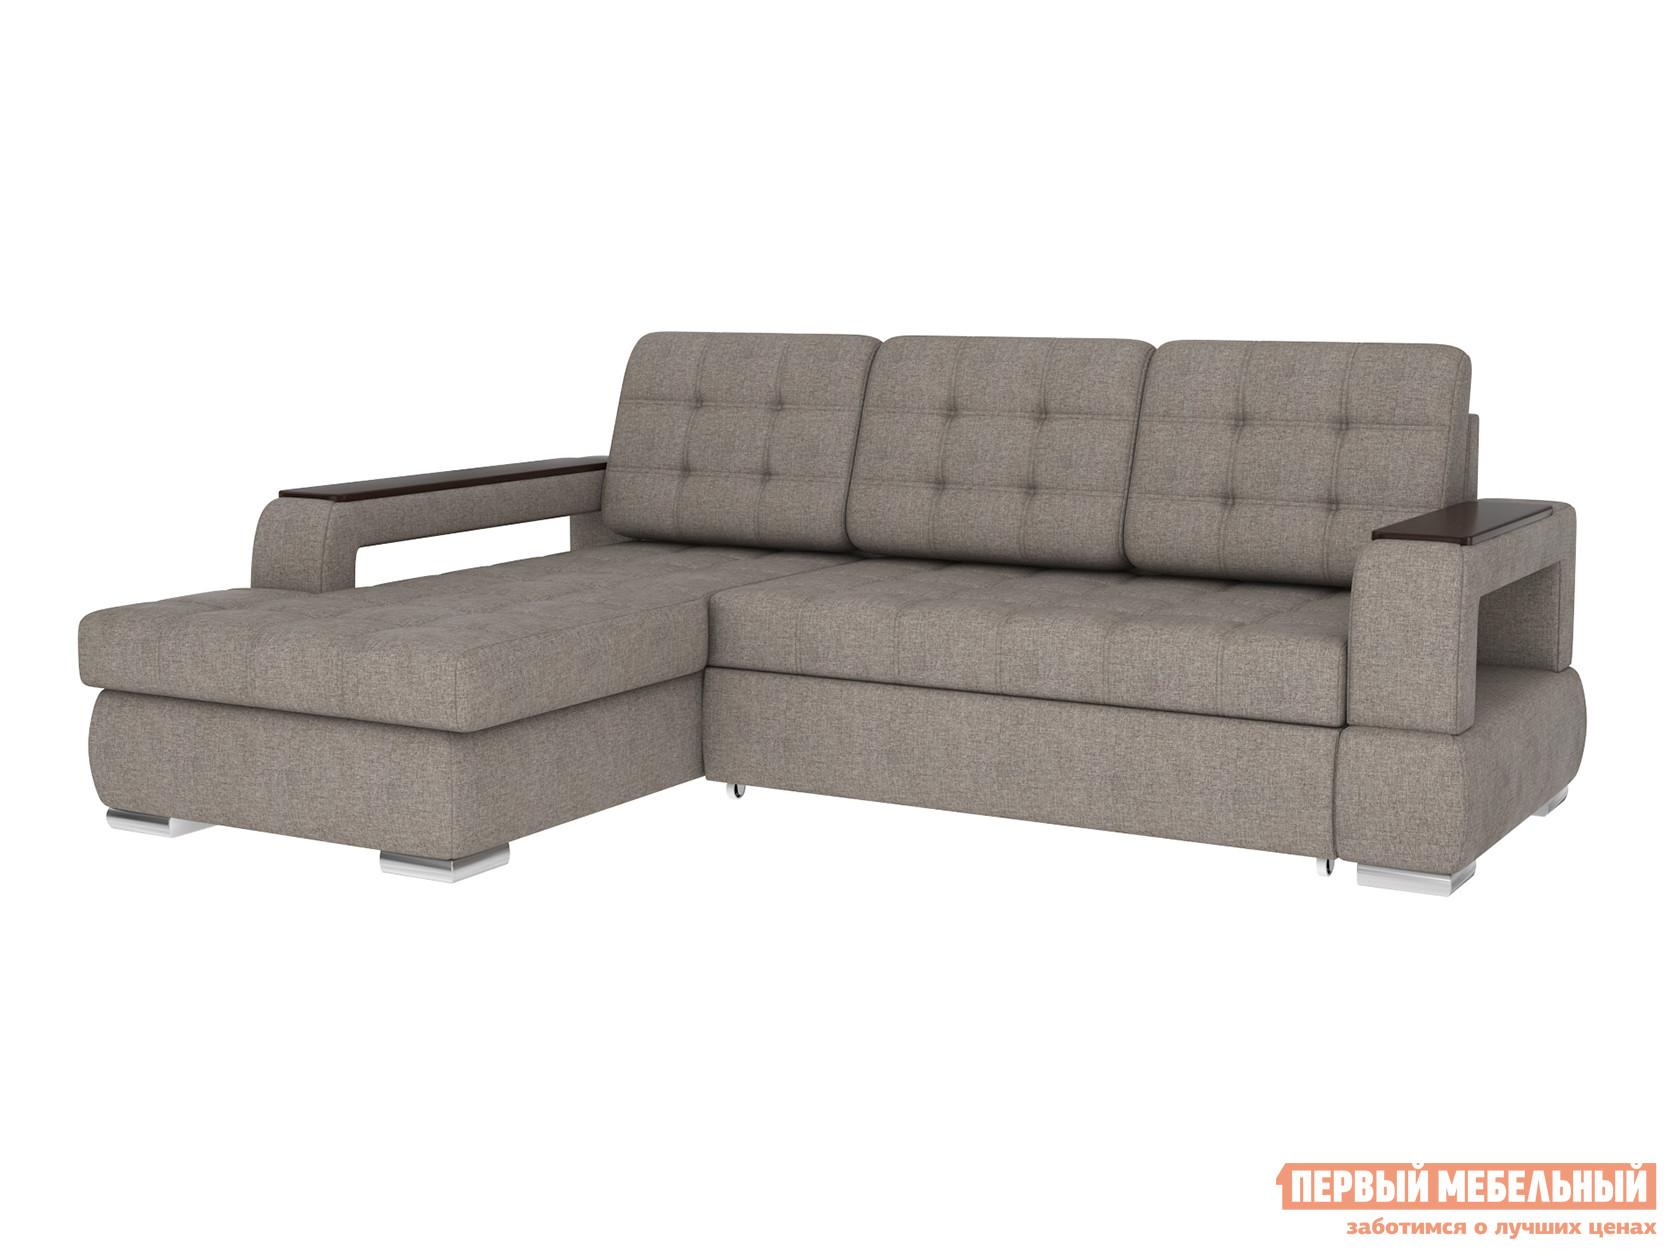 Угловой диван Первый Мебельный Виктория Угловой